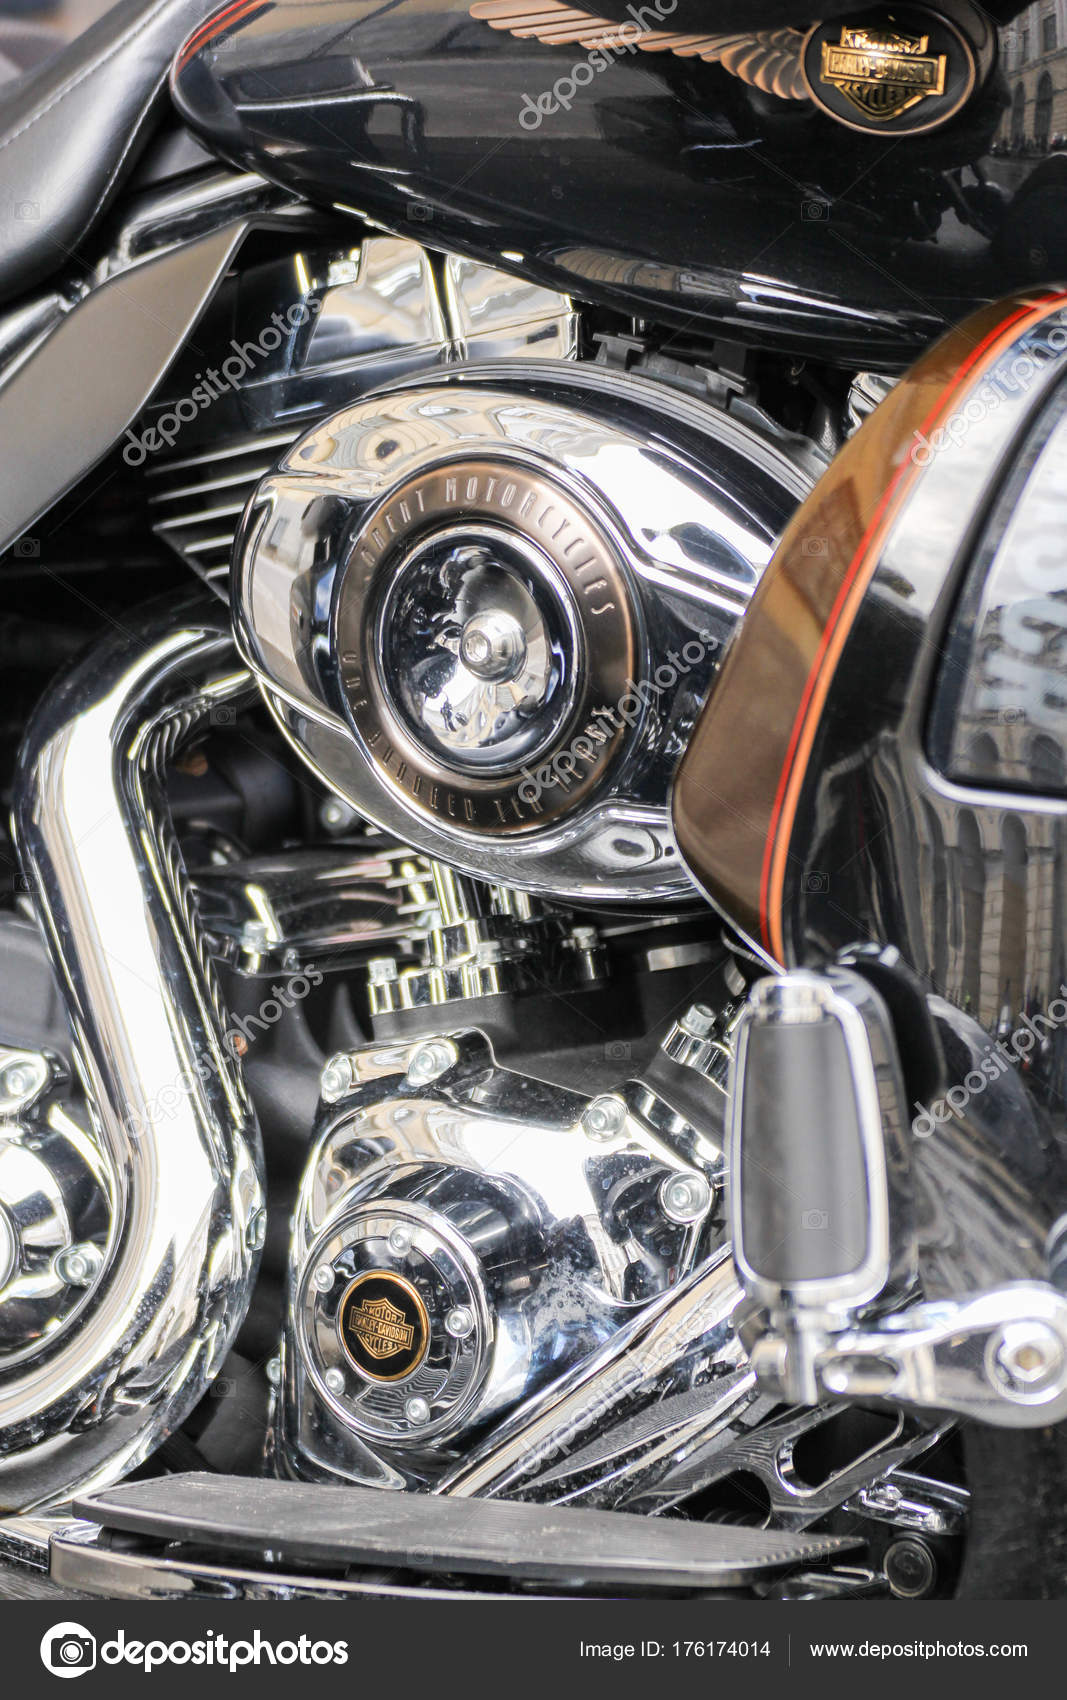 Motorrad-Motor-Komponenten — Redaktionelles Stockfoto © nikey #176174014